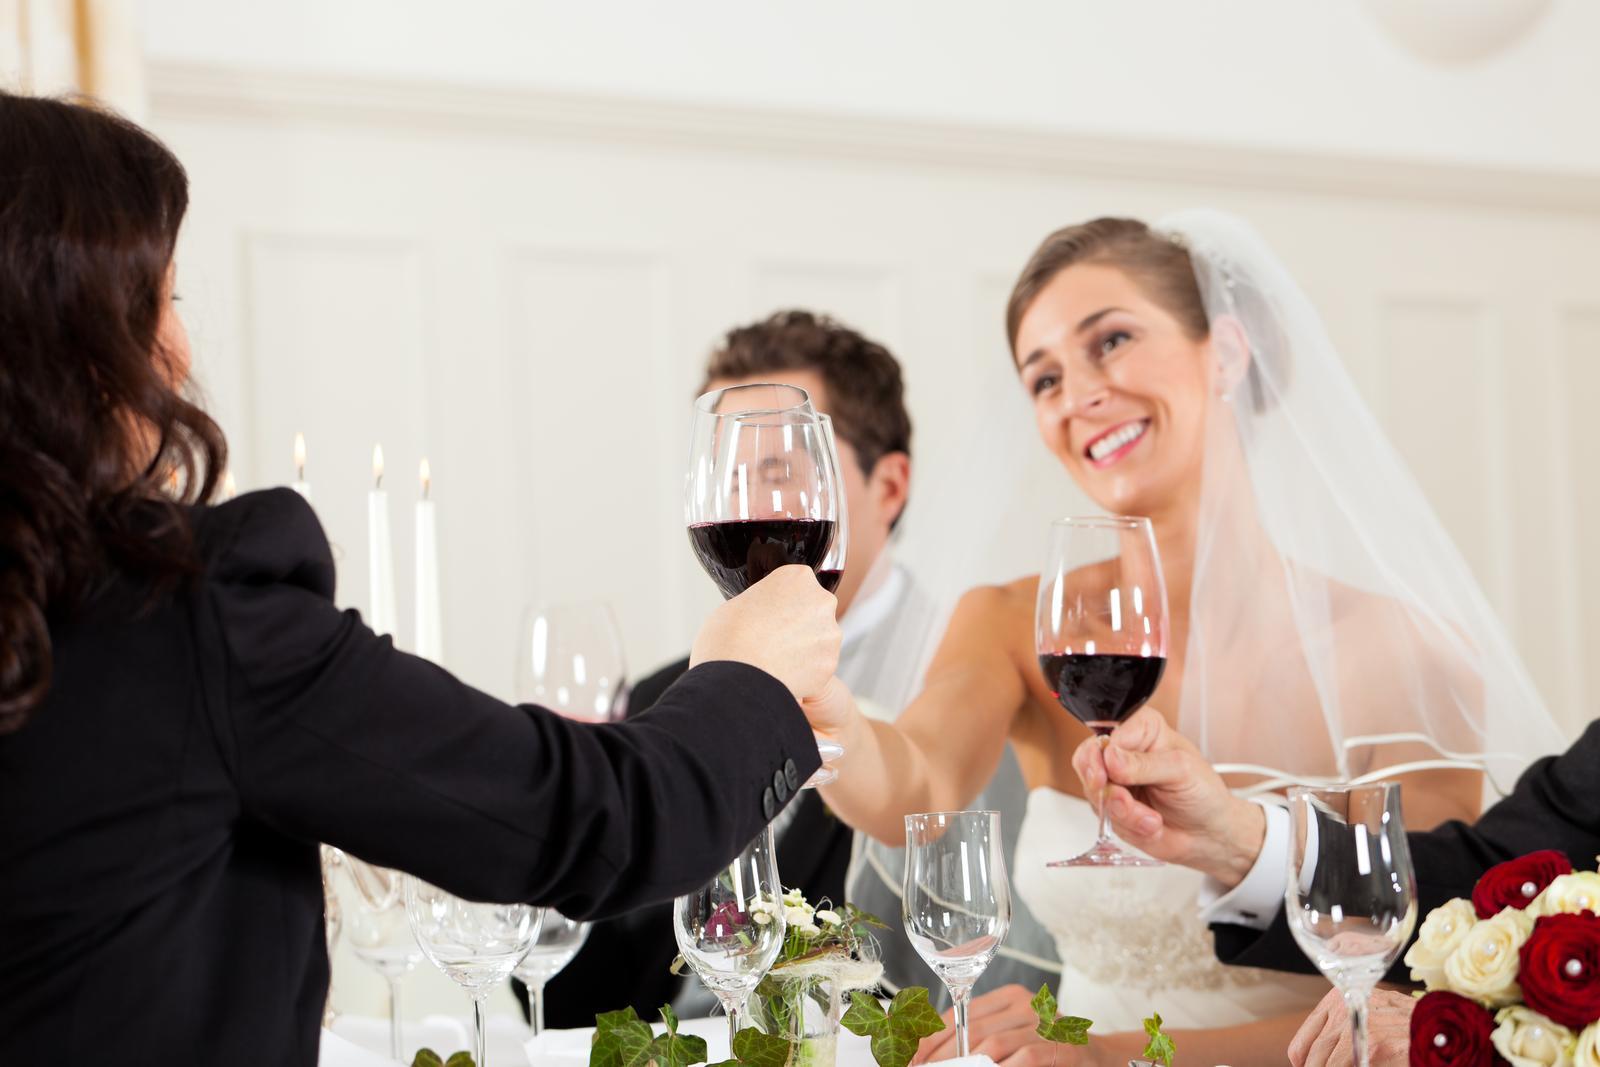 vinomaravilla - Na prípitky radšej biele víno aby ste nedopadli ako táto nevestička :)